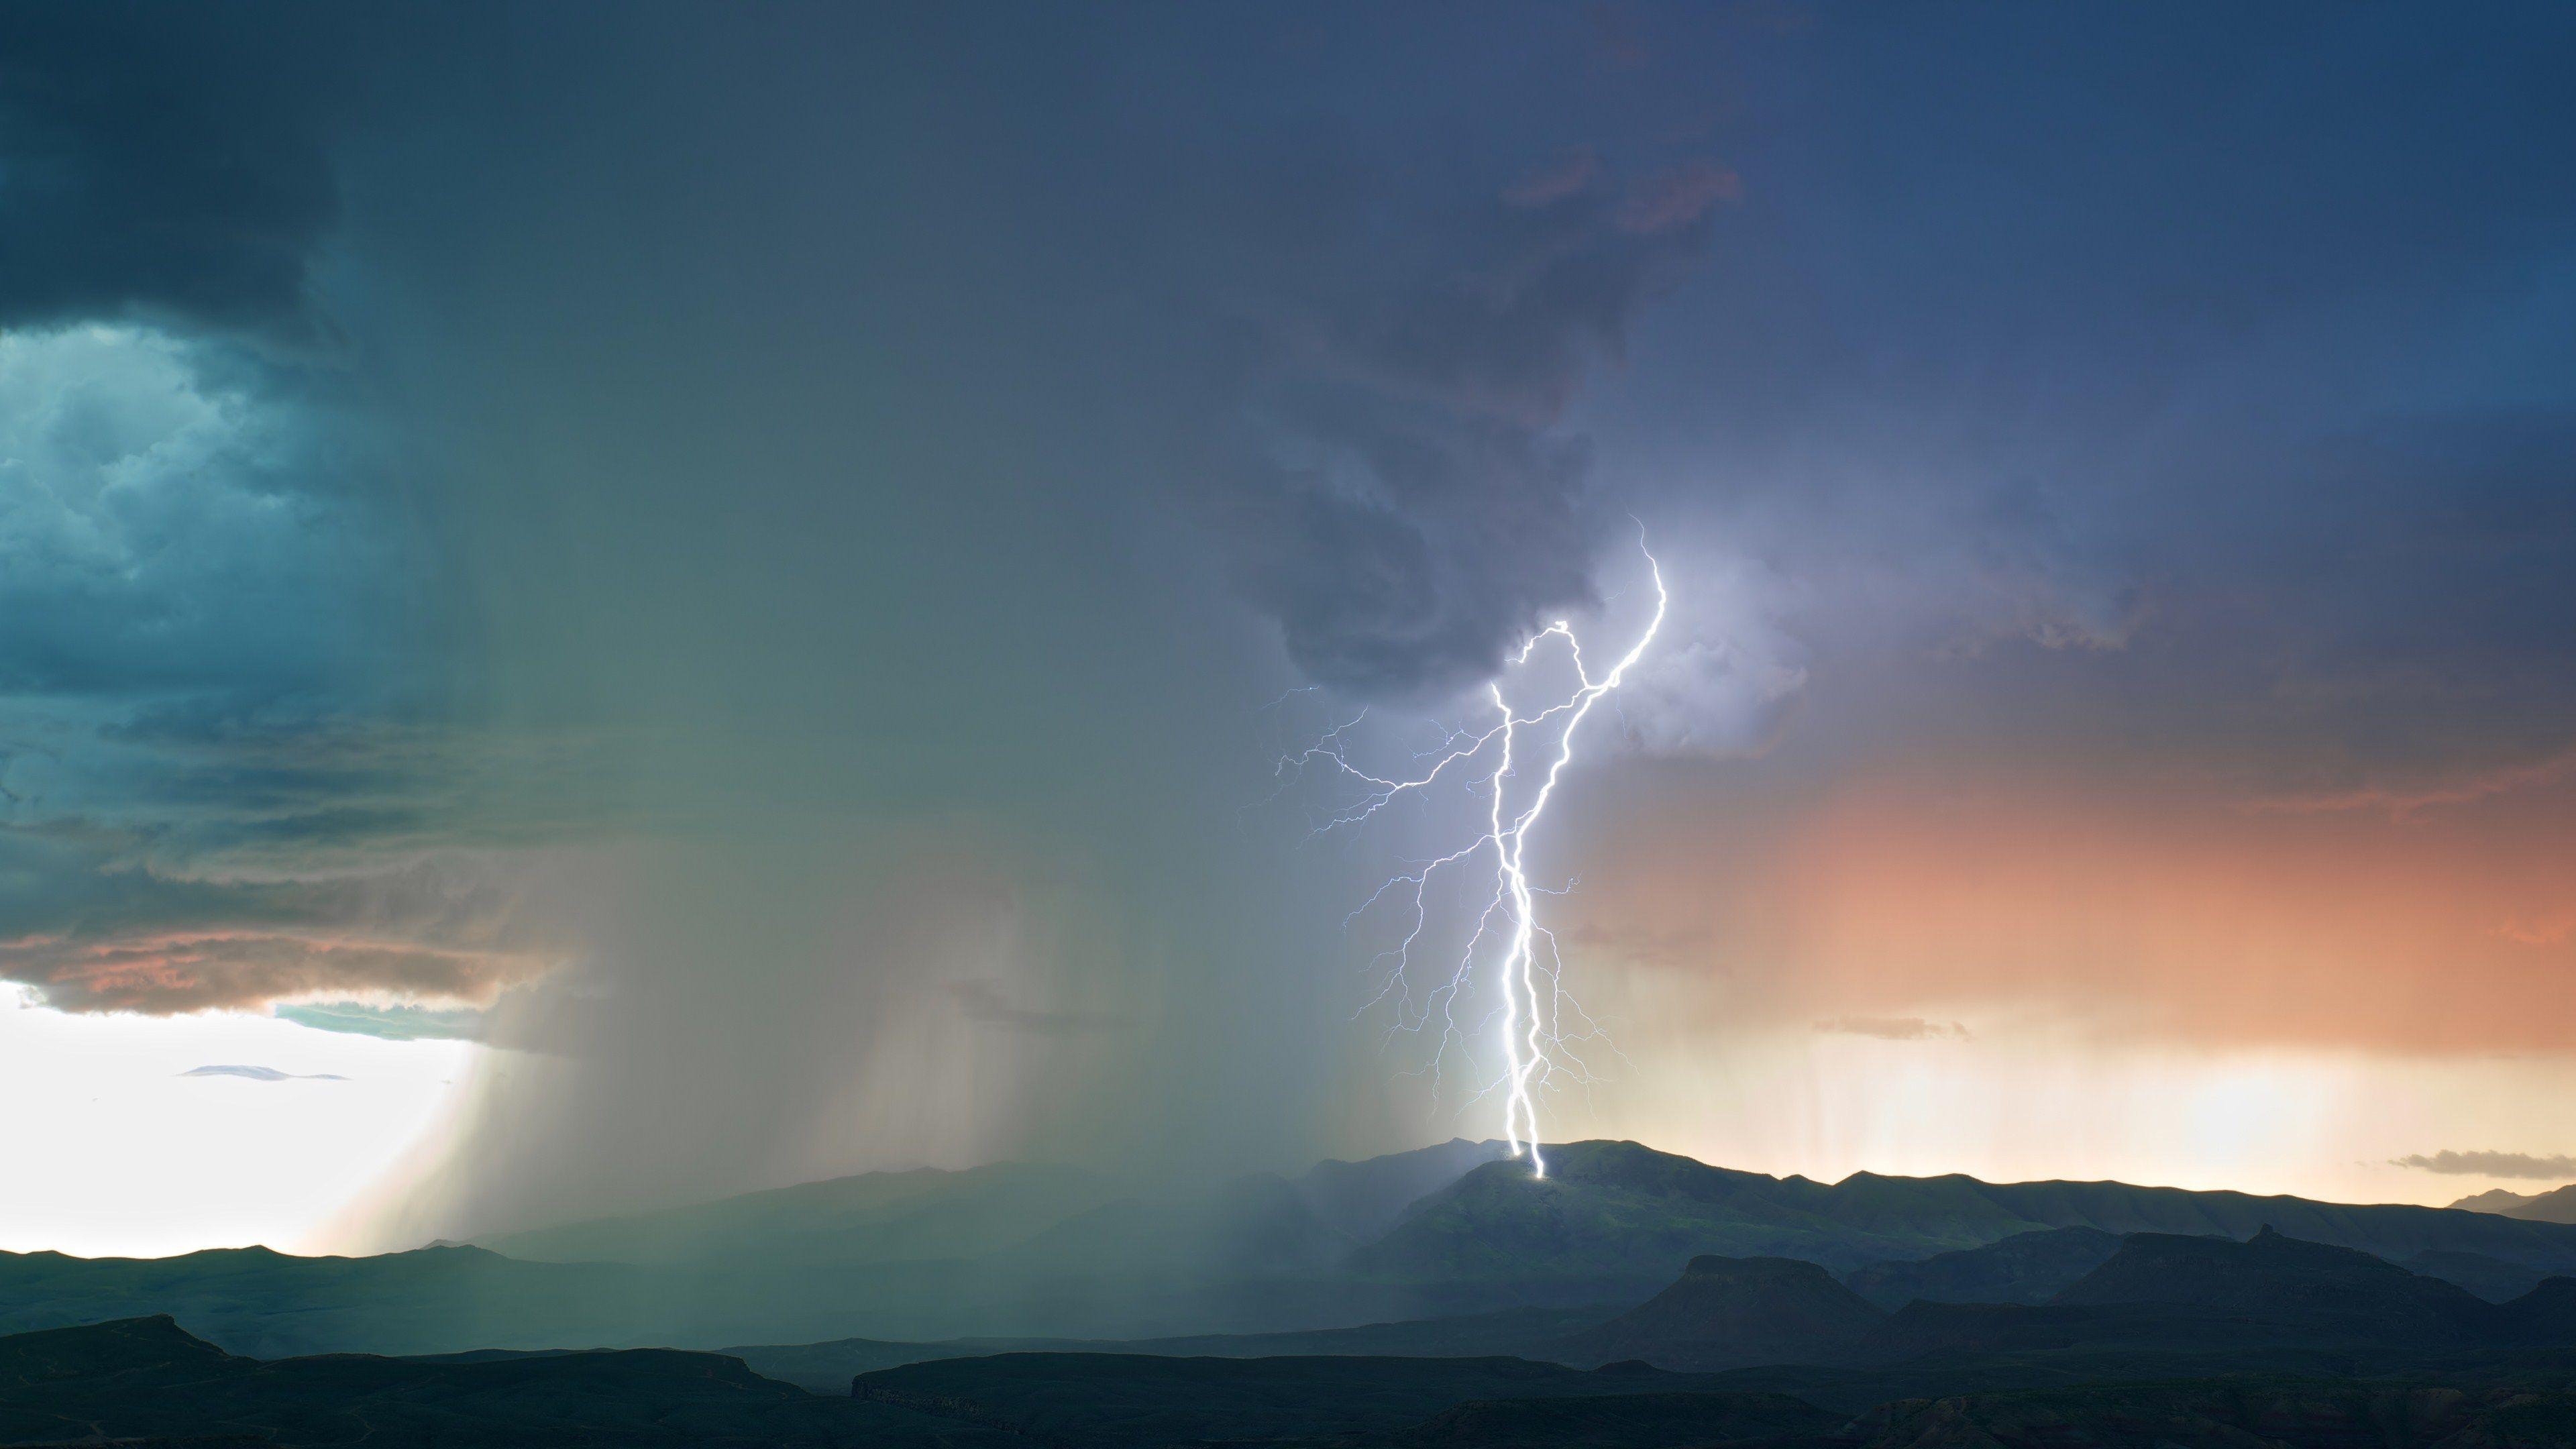 Lightning For Desktop Hd Storm Wallpaper Clouds Landscape